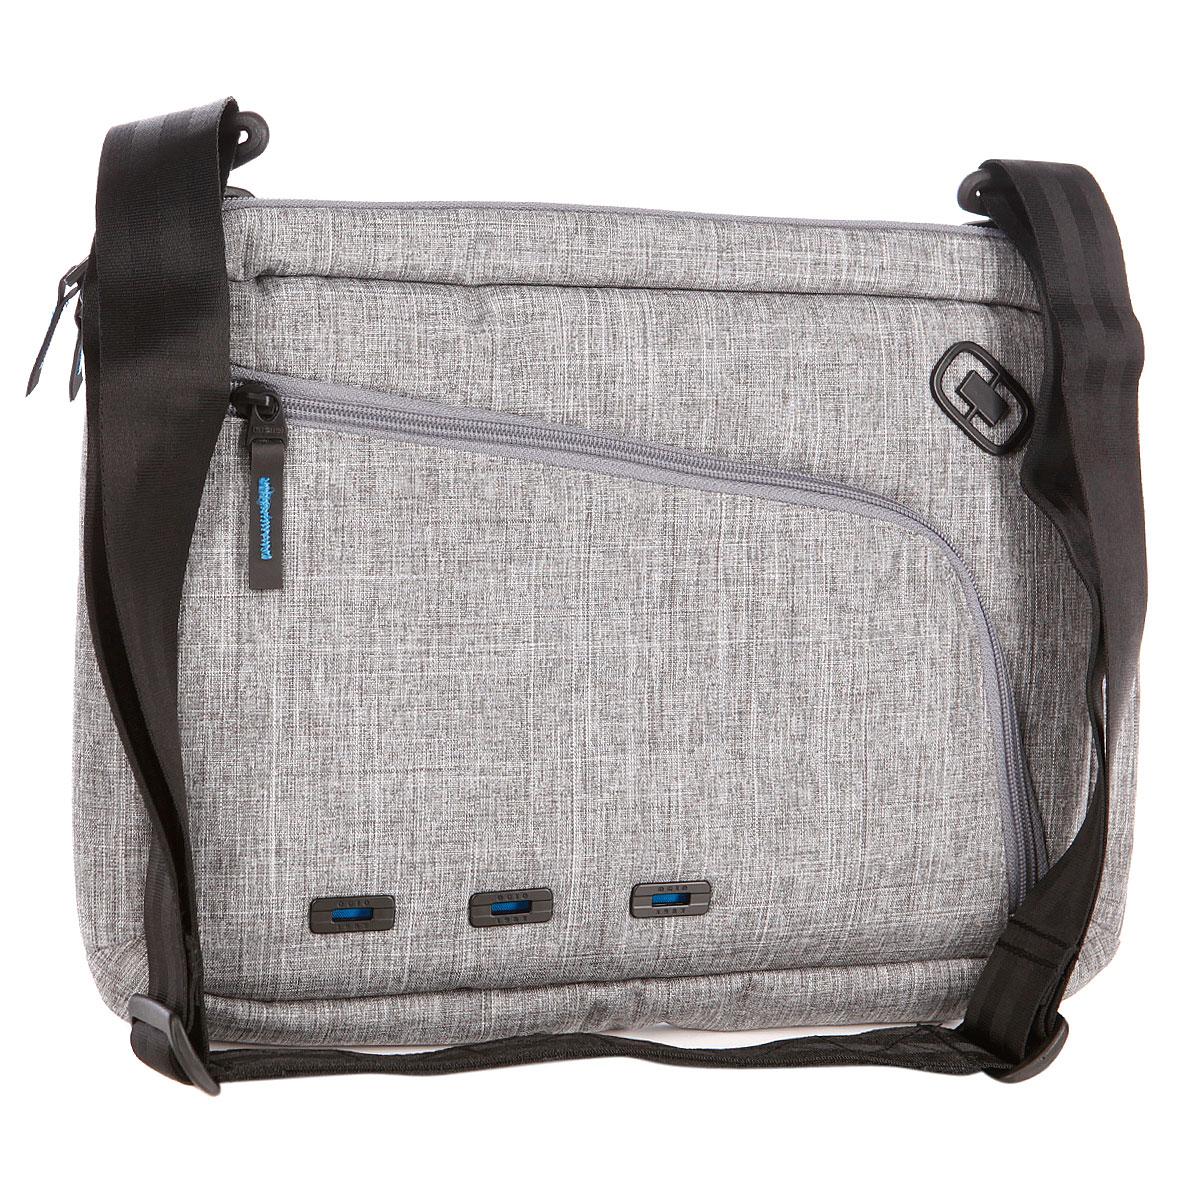 Сумка для ноутбука Ogio Newt Slim Case, до 15, цвет: серый, 10 л111068-351Сумка для ноутбука OGIO Newt Slim Case - идеальная сумка для походов по траектории дом-офис или офис-кофейня, но можно и изменить маршрут, потому что, в любом случае, в ней можно всегда удобно и безопасно переносить 15-дюймовый ноутбук, планшет, документы и все остальные необходимые мелочи и гаджеты. OGIO – высокотехнологичный продукт от американского производителя. Вместимые сумки для путешествий, работы и отдыха, специальнаяколлекция городских сумок для женщин, жесткие боксы под мелкий инвентарь и многое другое.